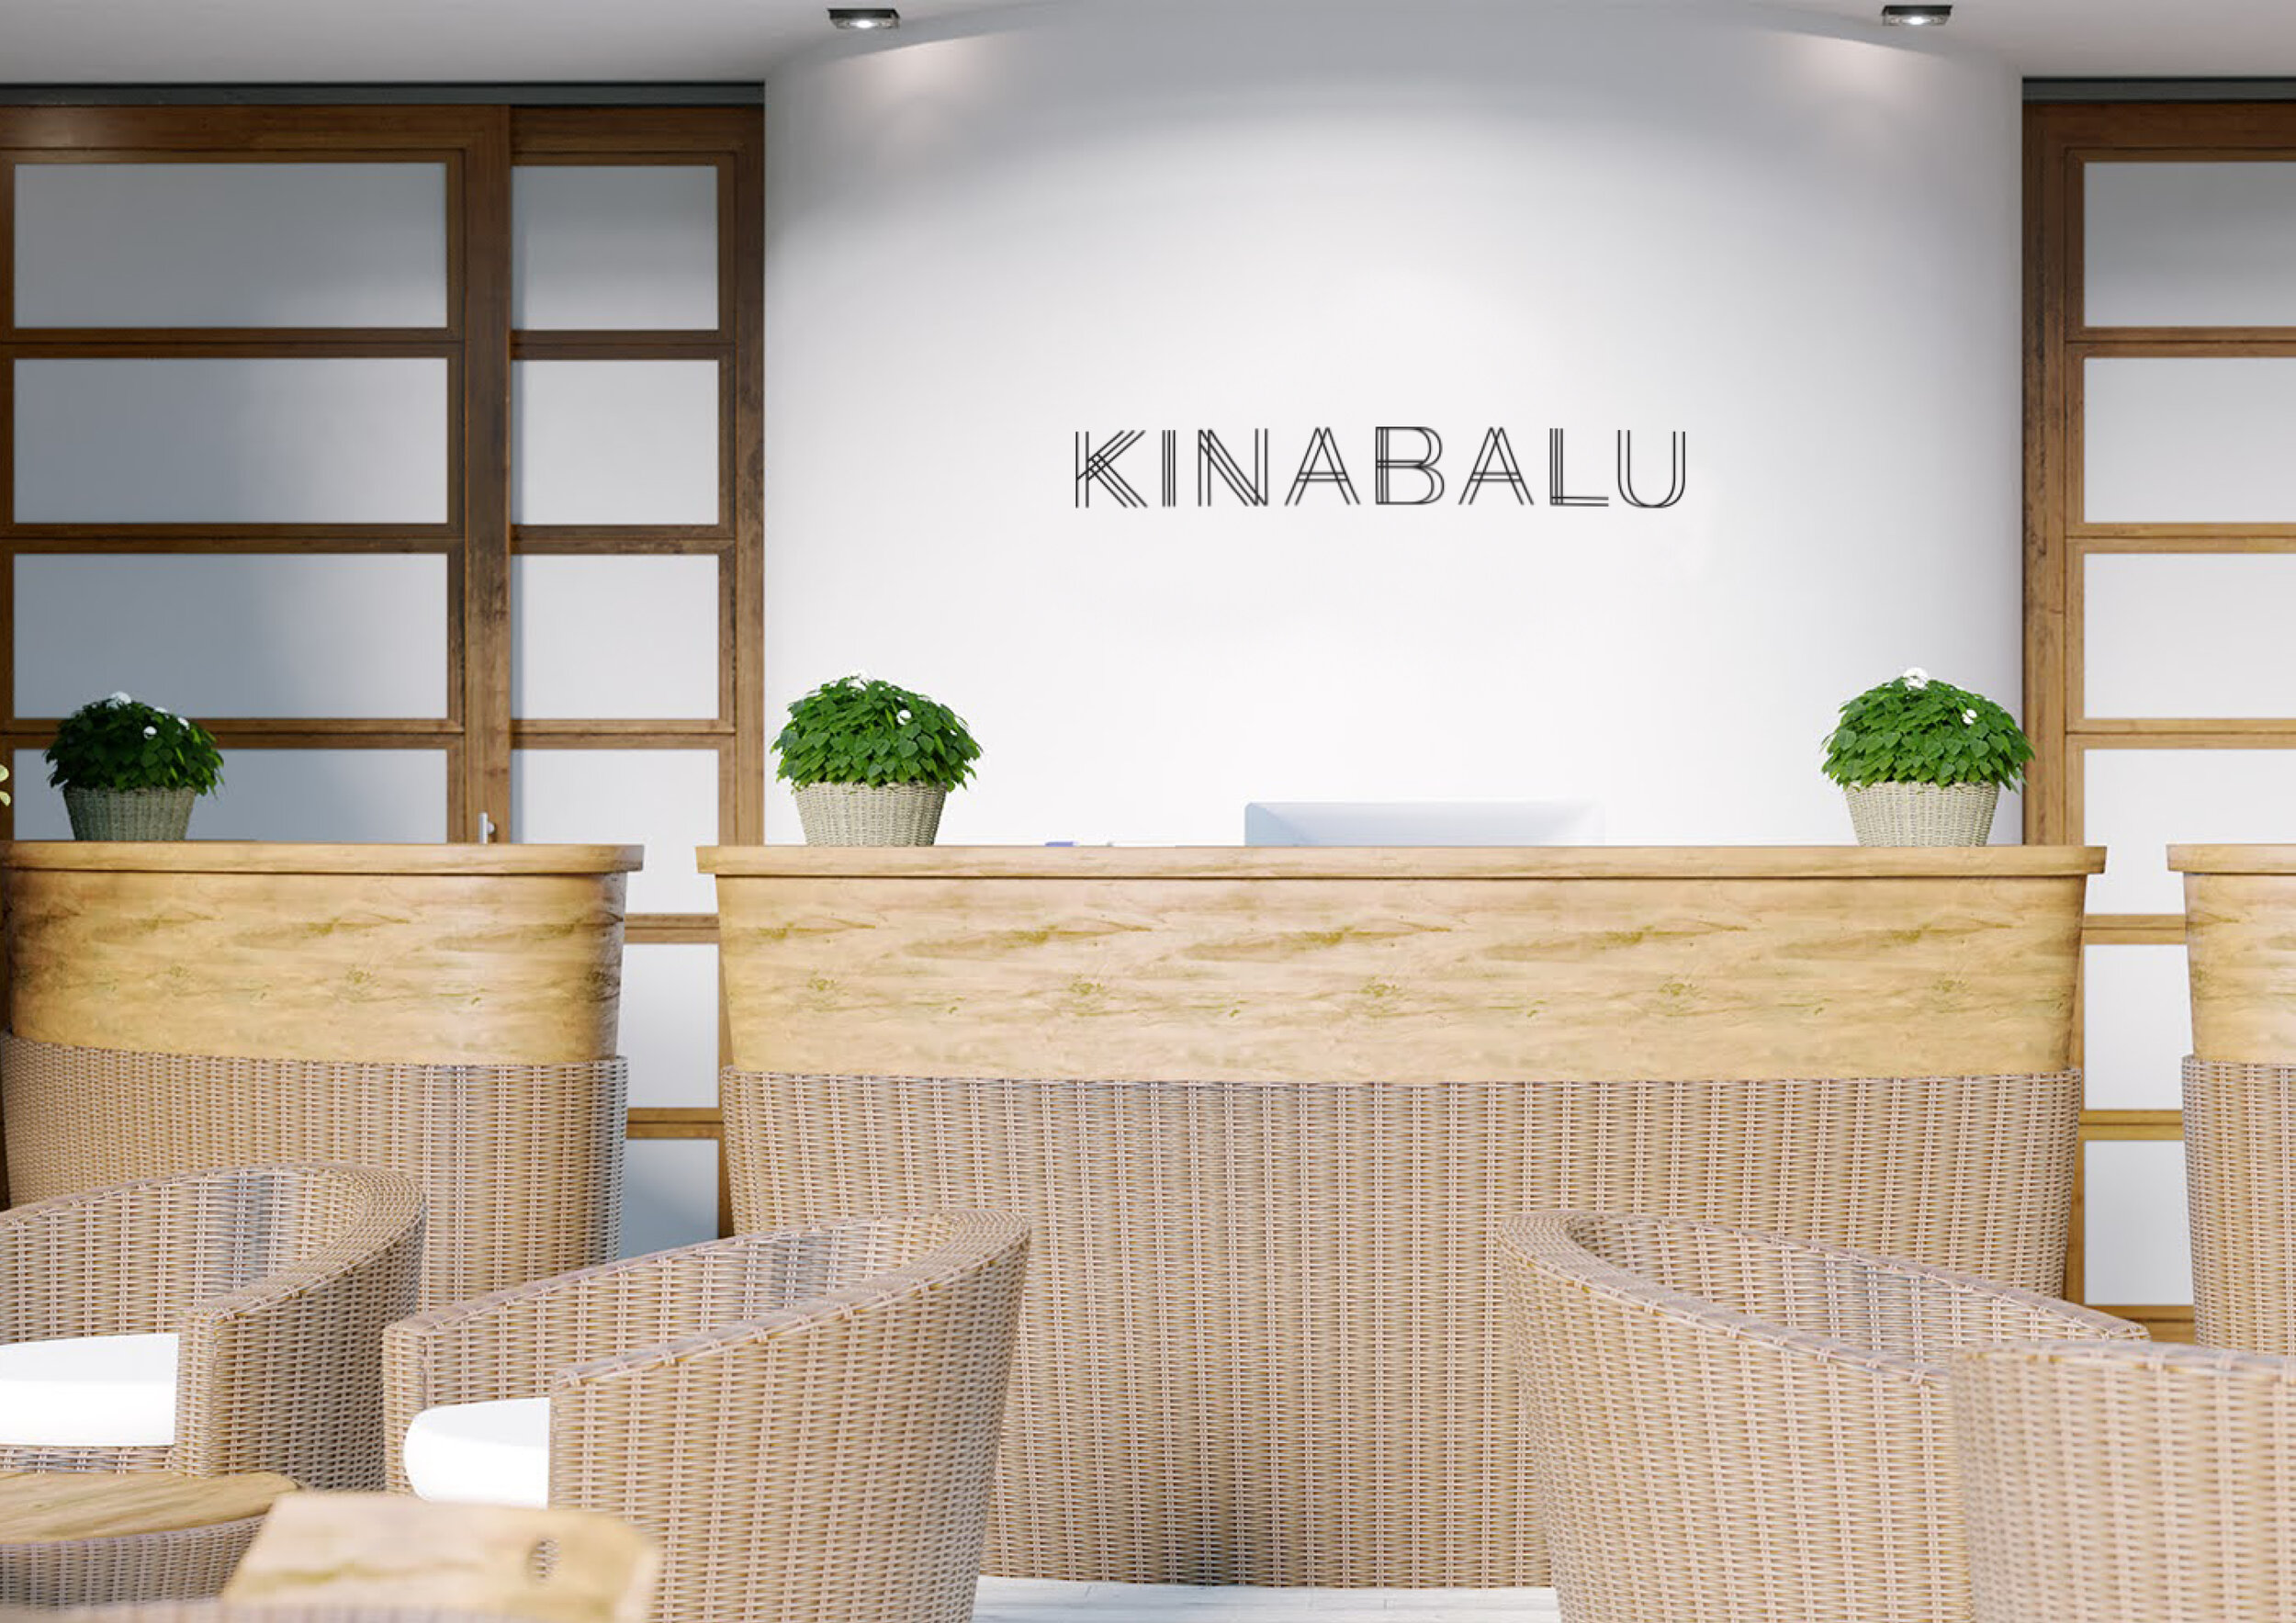 Для разработанной коллекции мебели был создан нейминг, отражающий происхождение основного материала коллекции. Кинабалу - одна из высочайших вершин Юго-Восточной Азии, в Малайзии, стране, где добывают высококачественный ротанг